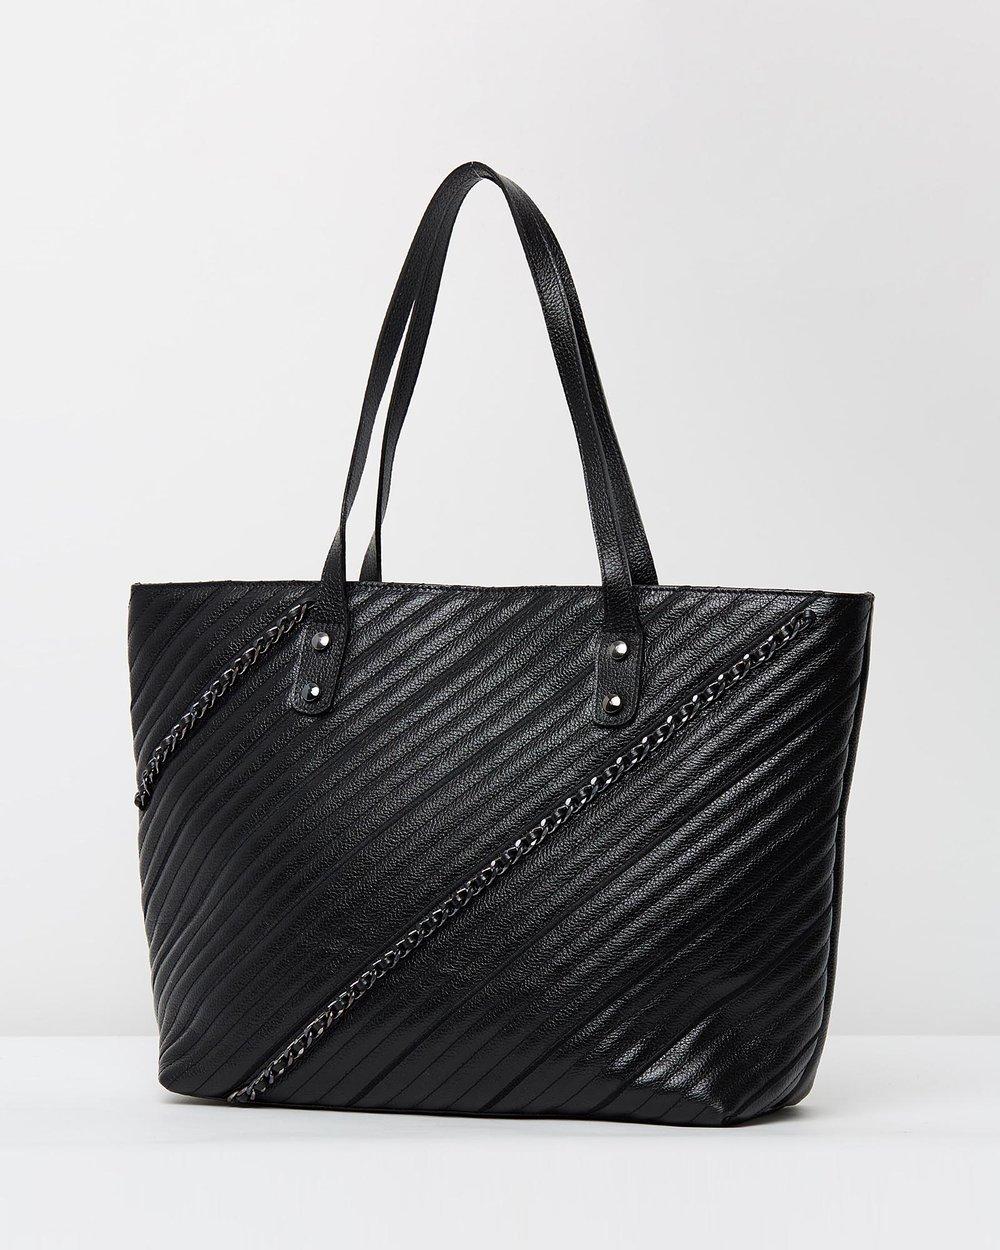 Victoria - Black